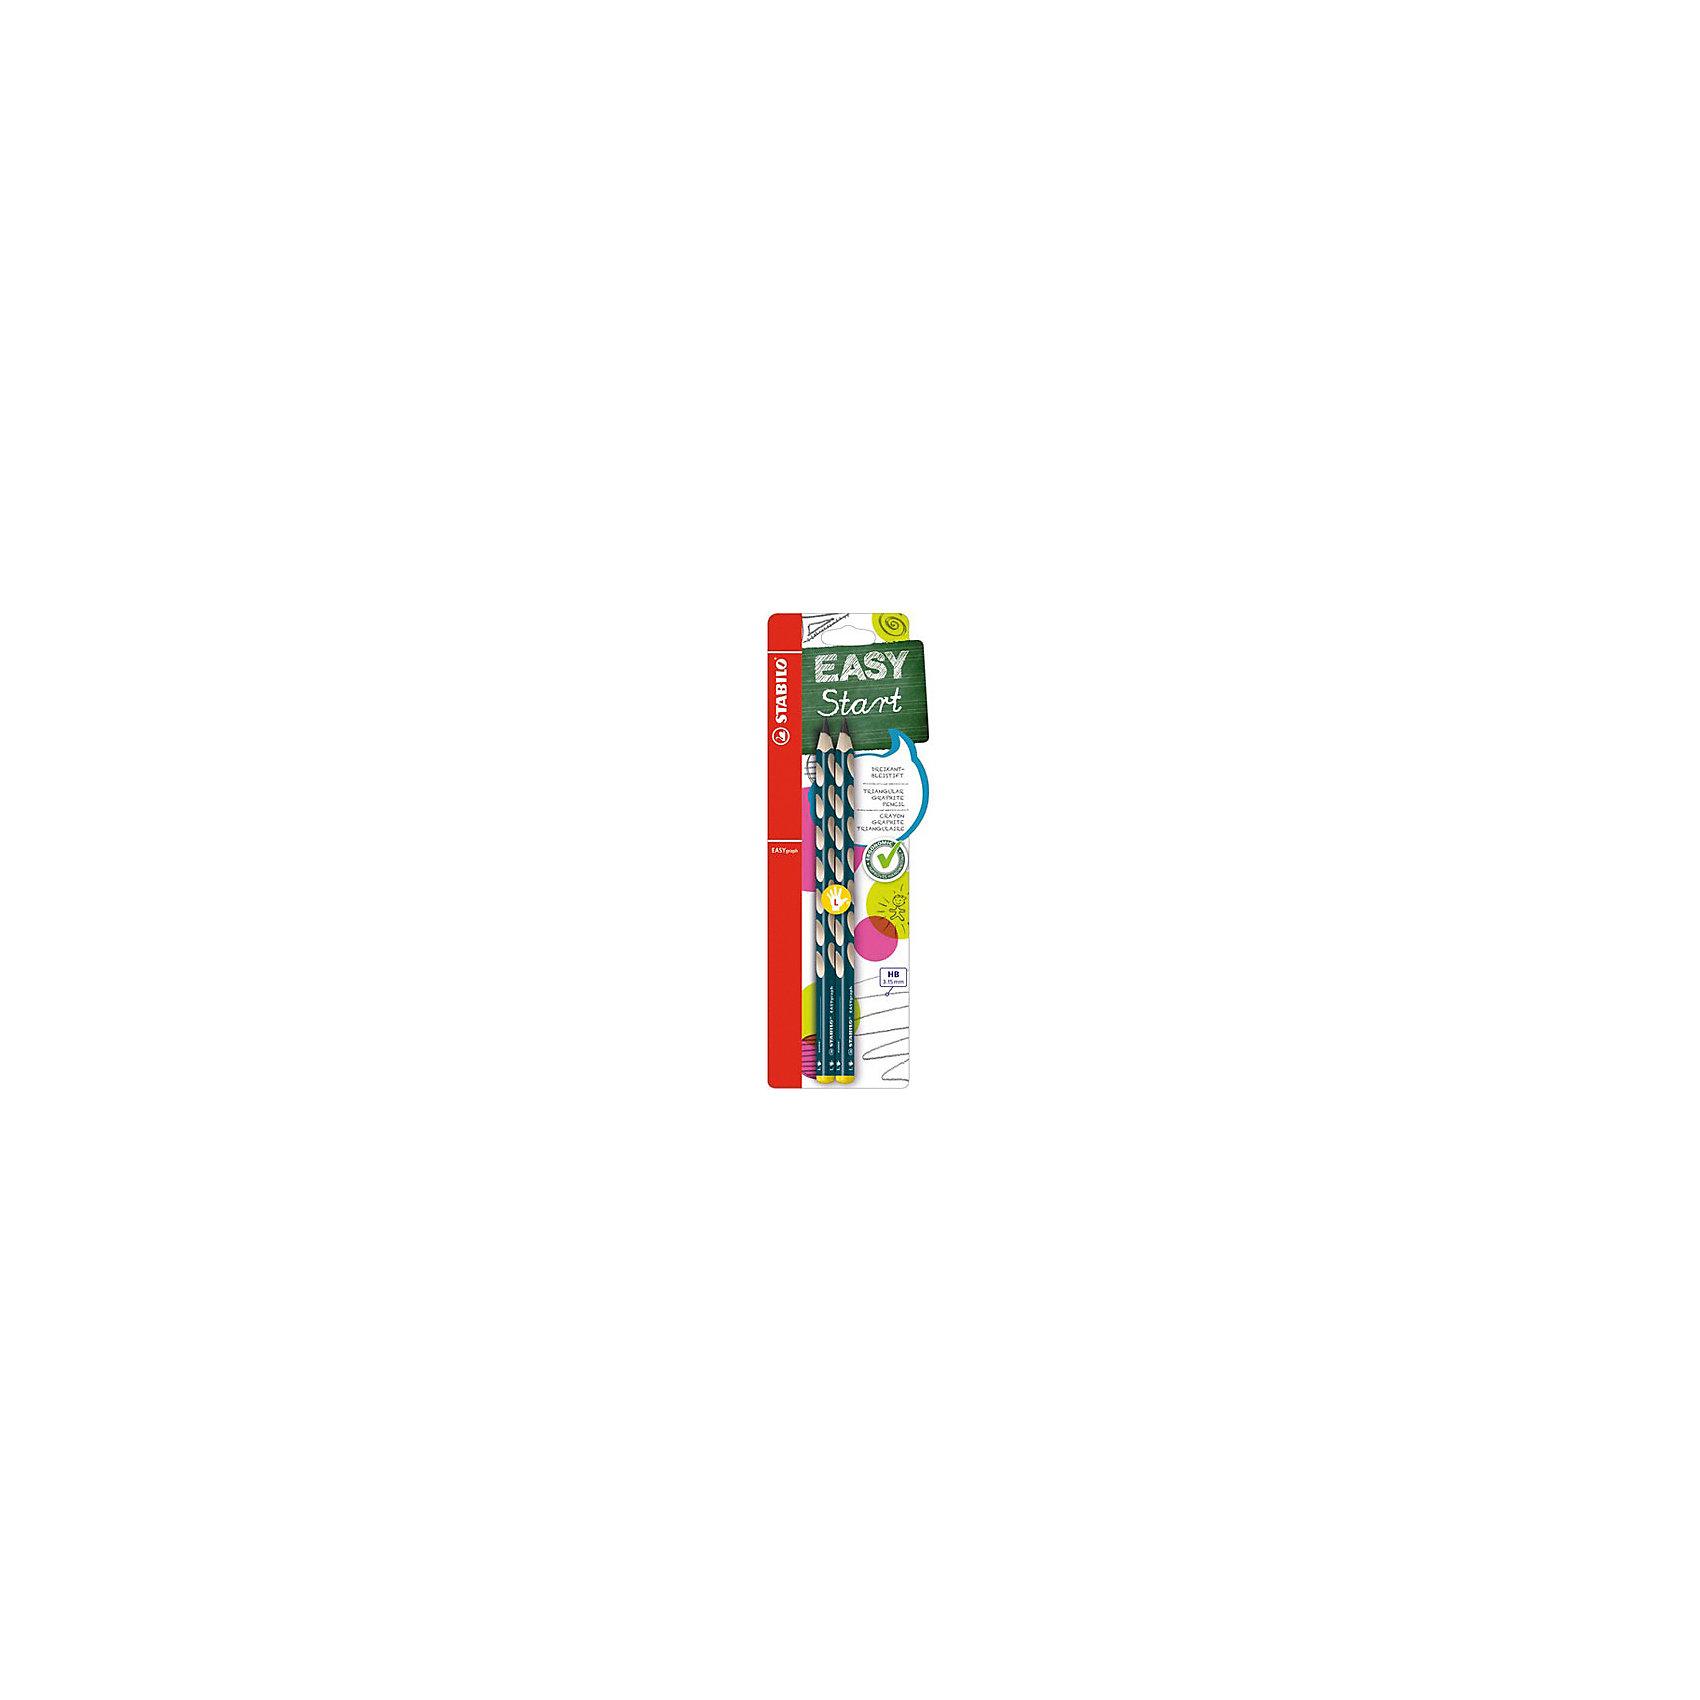 STABILO Easy graph Карандаш для левшей, ч/г 2 штЧернографитный карандаш для левшей EASY GRAPH, 2 шт. от марки Stabilo<br><br>Этот карандаш из серии EASY GRAPH разработан специально для детей, осваивающих рисование и процесс письма. Он создан с учетом особенностей строения и развития руки ребенка. На деревянном карандаше сделаны специальные углубления, которые подсказывают детям правильное расположение пальцев на пишущем инструменте. <br>Даже после заточки карандашей они продолжают полноценно исполнять эту функцию. Форма этих предметов (трехгранник) позволяет карандашам удобно ложиться в детской руке и не вызывать усталости мышц. Предназначены для левшей, имеют повышенную стойкость к поломкам. В наборе - 2 карандаша.<br><br>Особенности данной модели:<br><br>твердость: НВ;<br>длина: 17,5 см;<br>цвет: чёрный;<br>материал: дерево;<br>комплектация: 2 шт.<br><br>Чернографитный карандаш для левшей EASY GRAPH, 2 шт. от марки Stabilo можно купить в нашем магазине.<br><br>Ширина мм: 80<br>Глубина мм: 10<br>Высота мм: 240<br>Вес г: 10<br>Возраст от месяцев: 60<br>Возраст до месяцев: 216<br>Пол: Унисекс<br>Возраст: Детский<br>SKU: 3157336